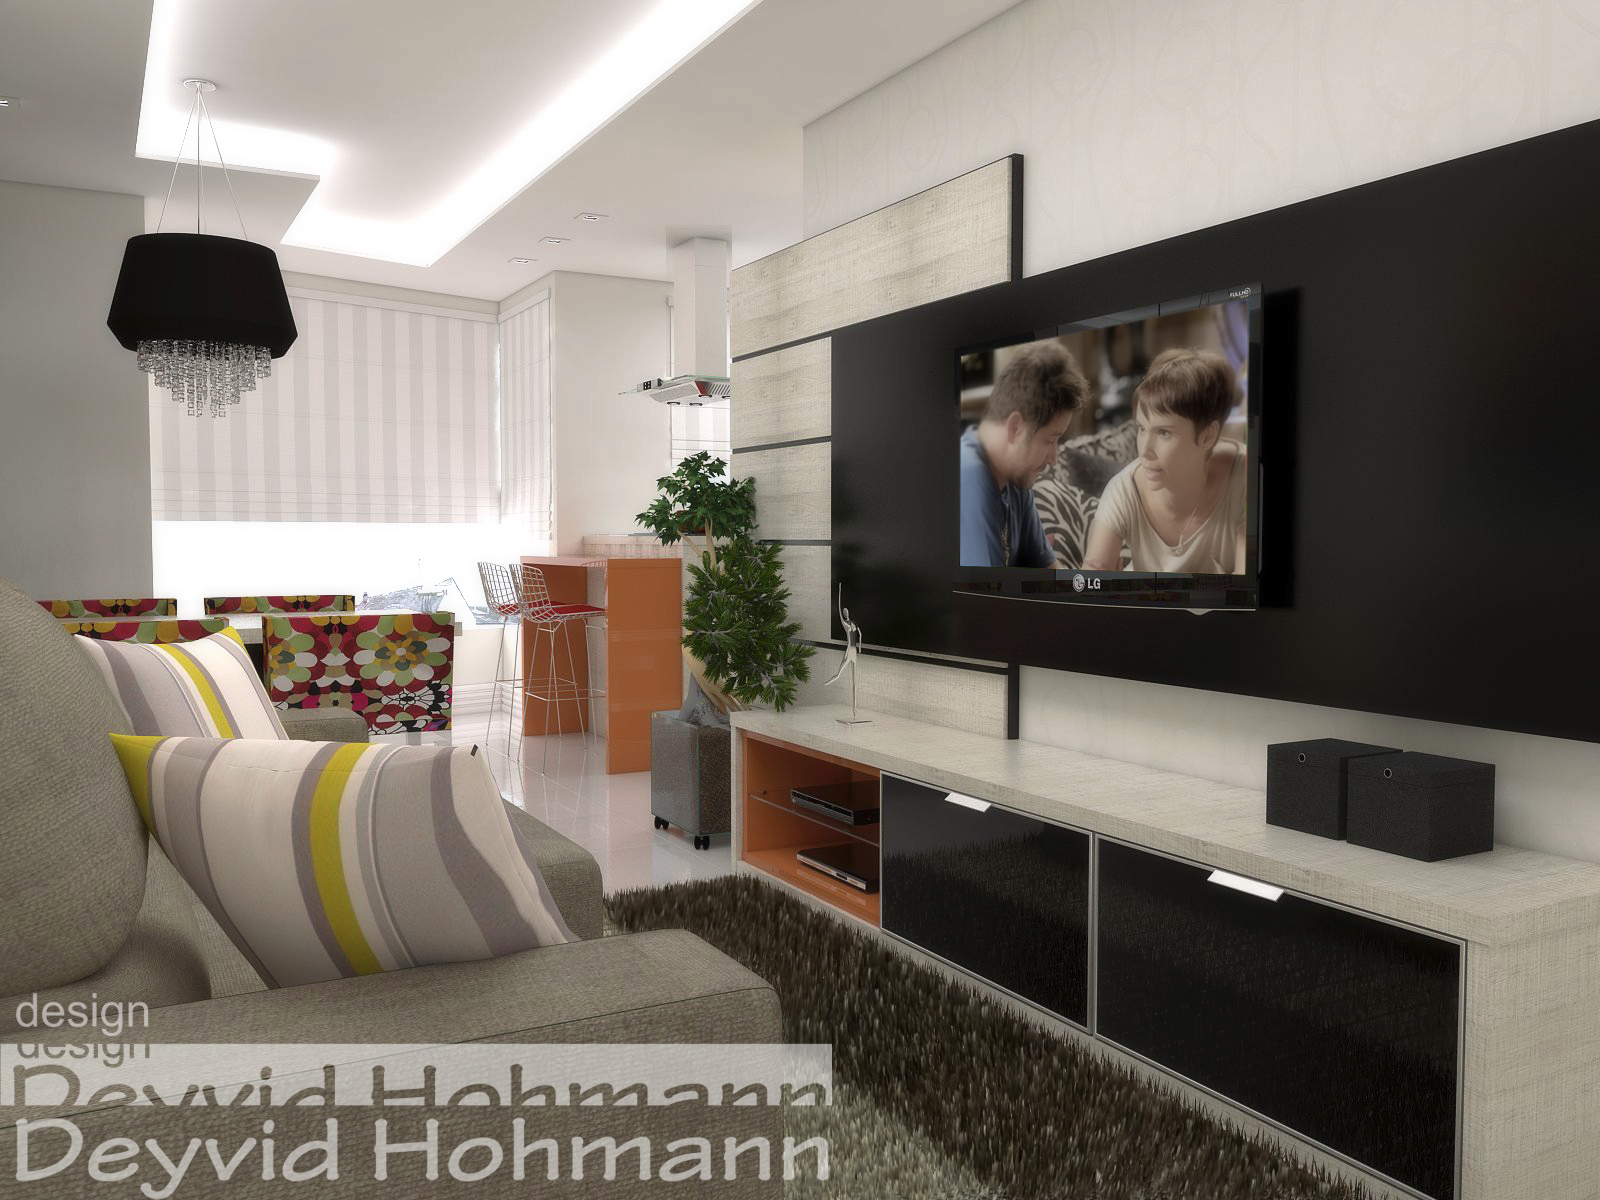 Salas E Cozinhas Conjugadas Cozinhas Com Ilha Ambientes Equipados E  -> Cozinha Com Sala Conjugada